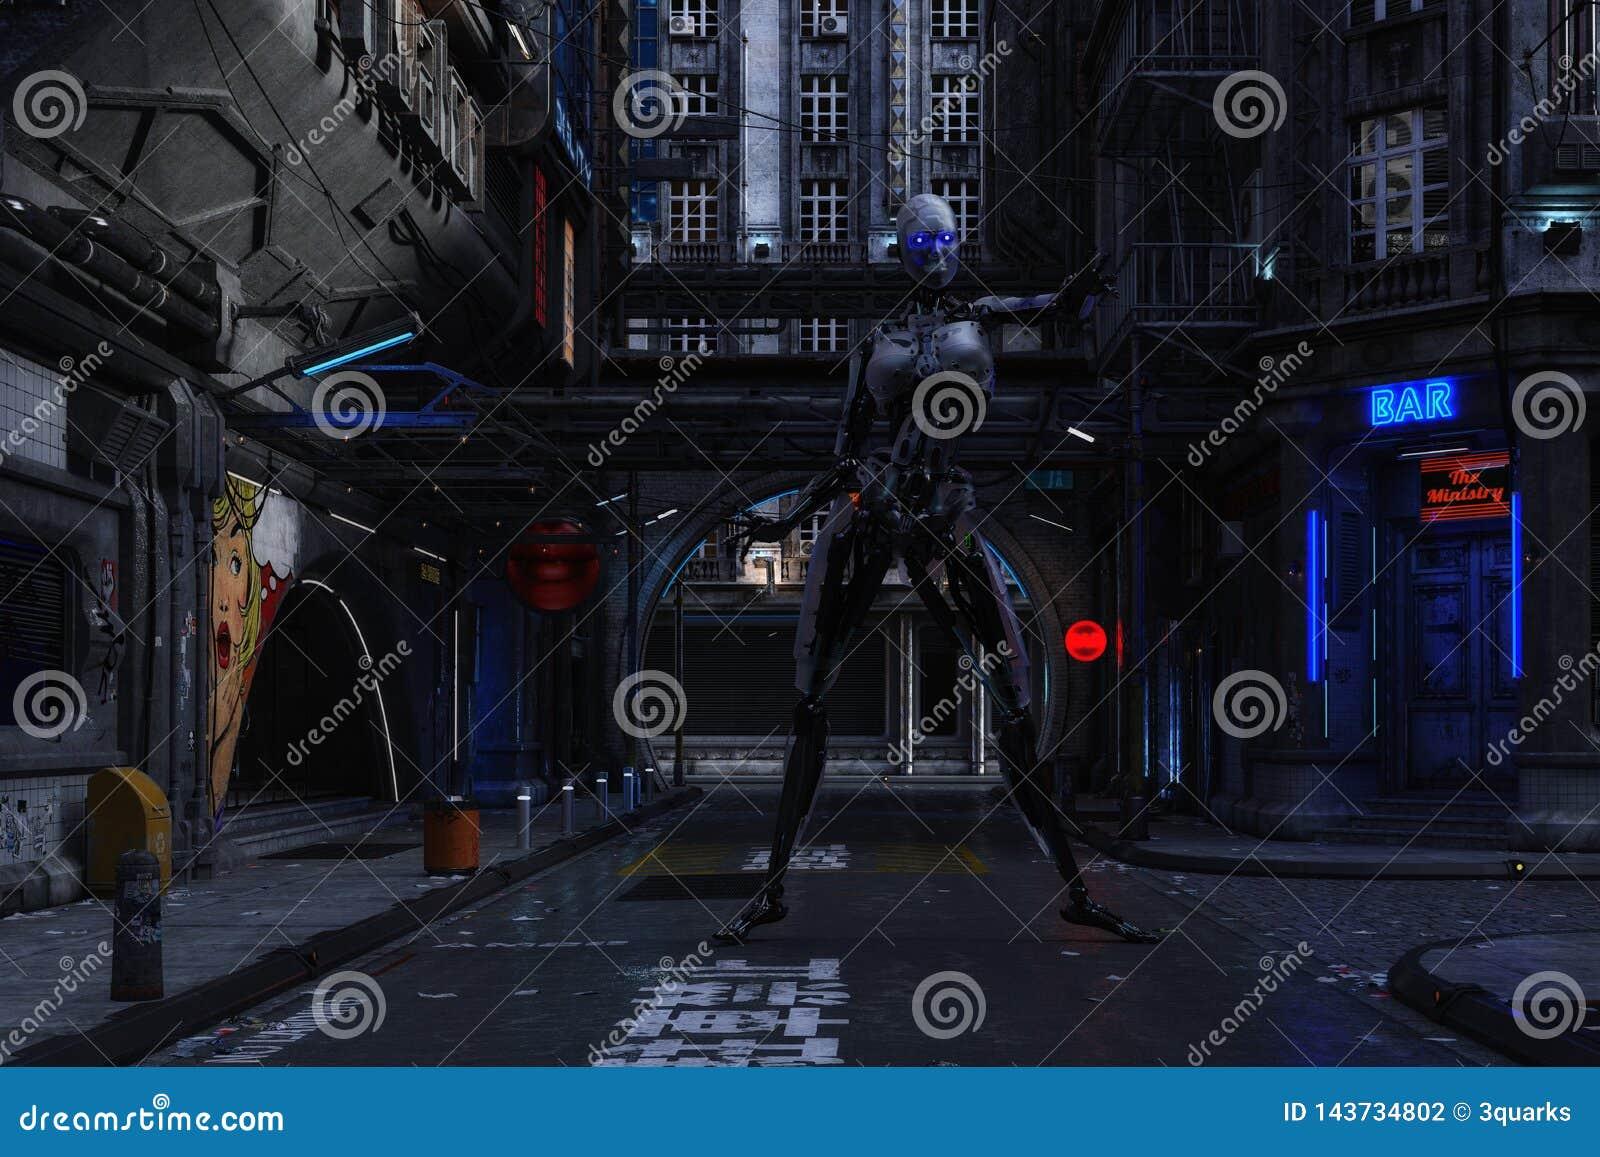 Ilustração 3D de uma cena urbana futurista com Cyborg